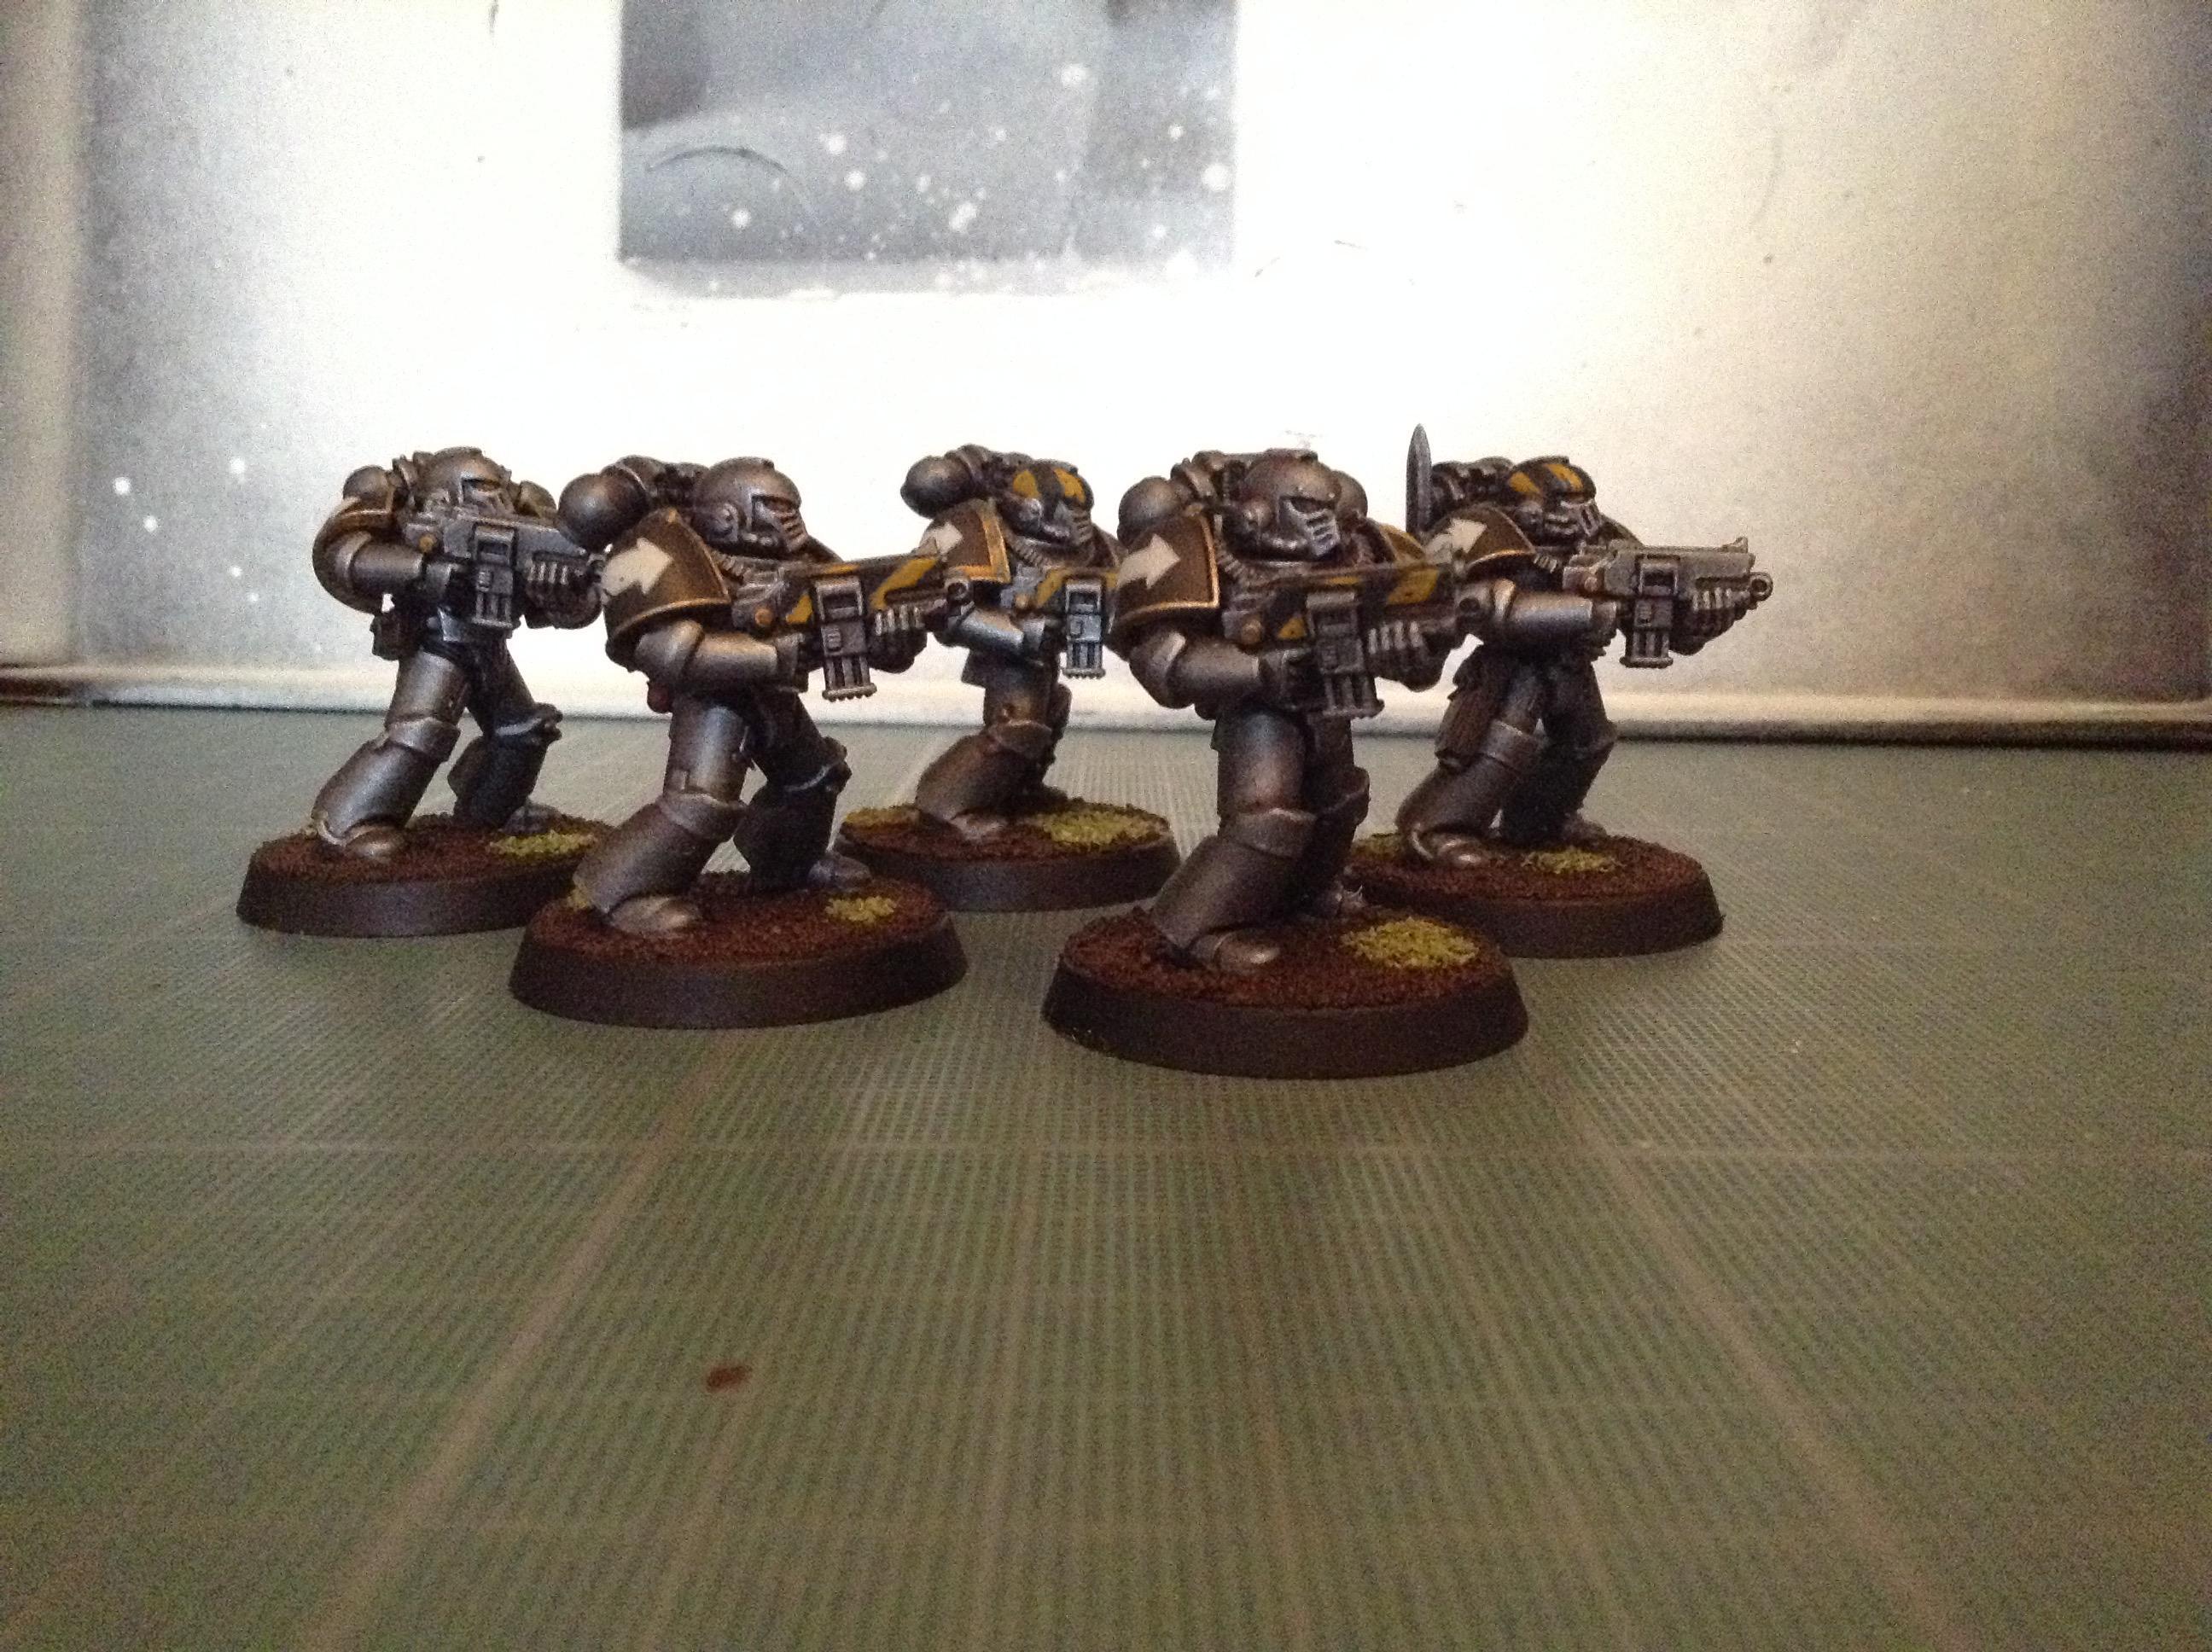 30k, Horus Heresy, Iron Warriors, Space Marines